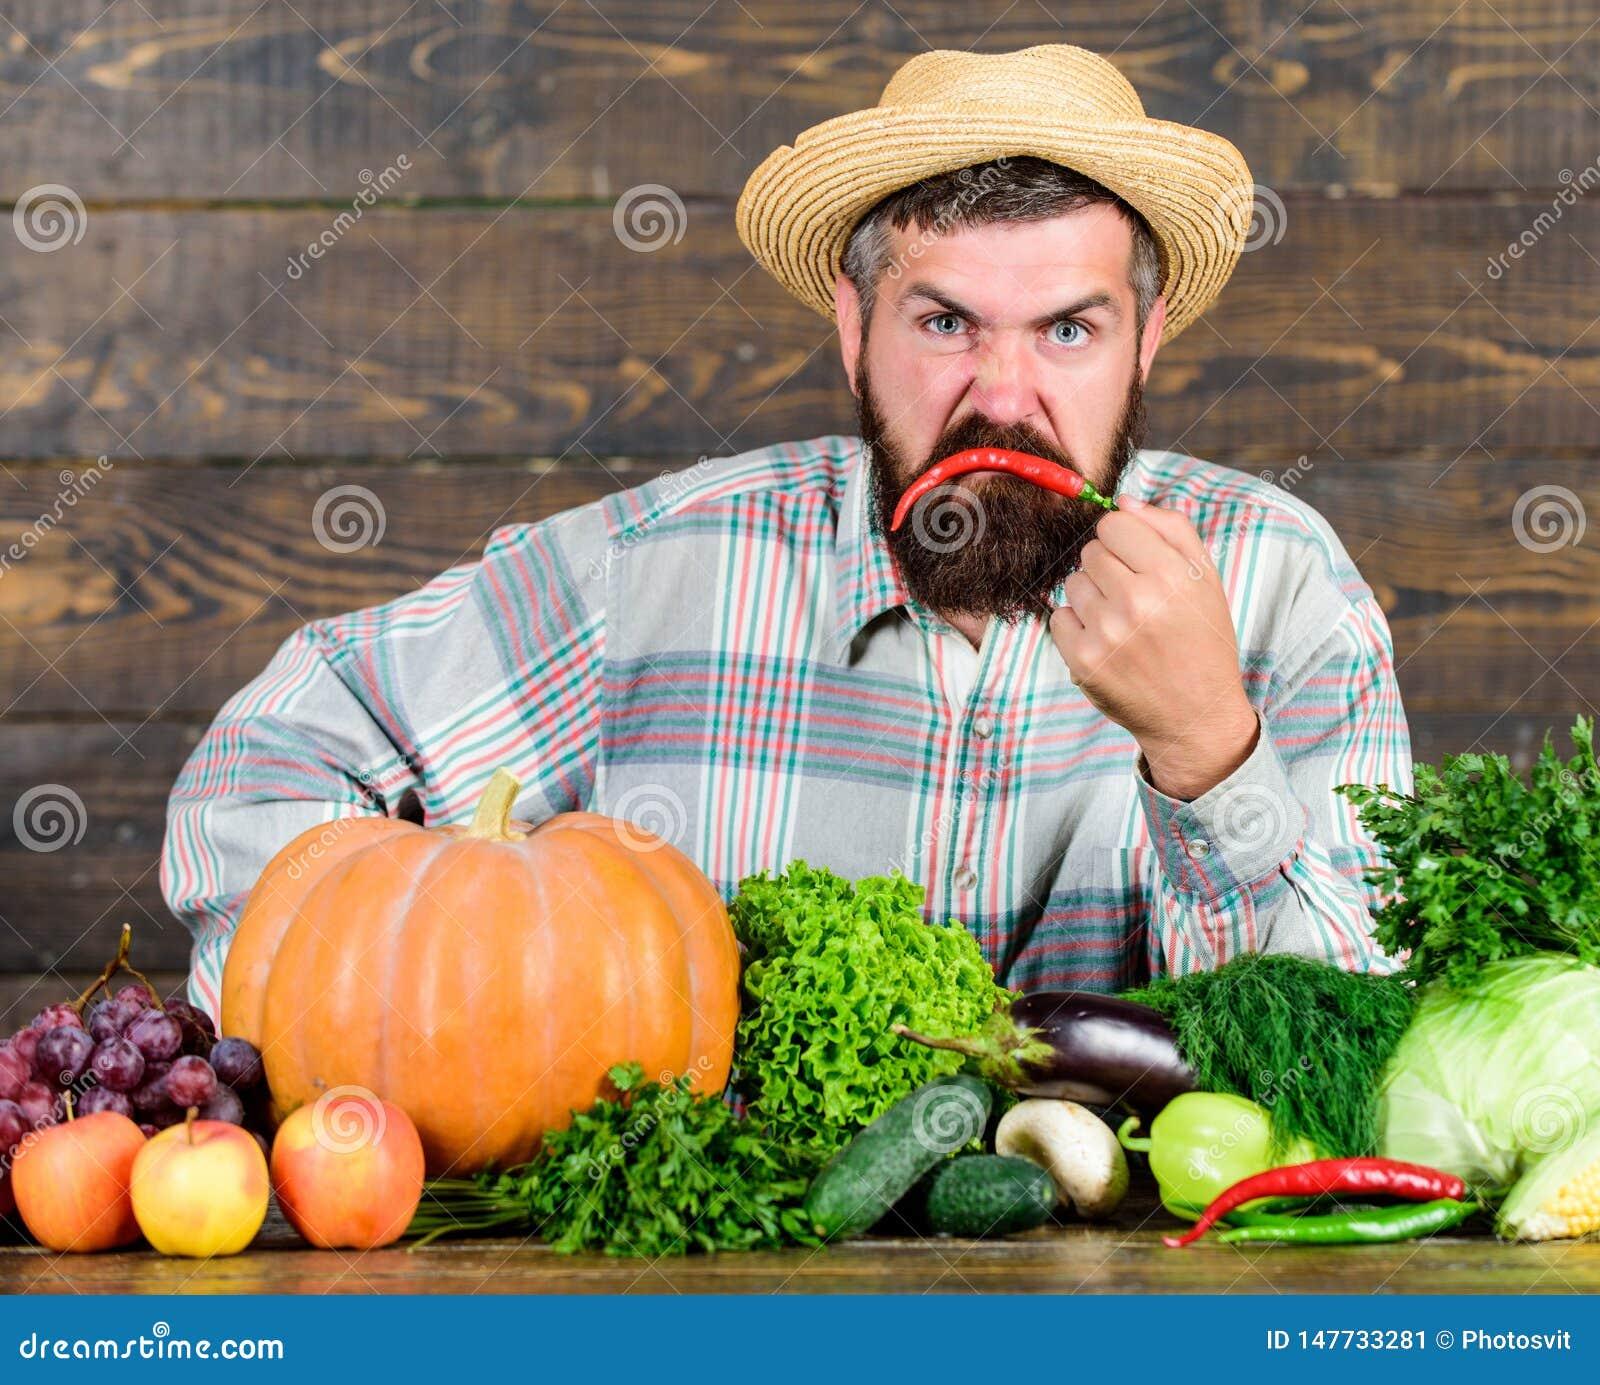 Άριστα ποιοτικά λαχανικά Άτομο με τη γενειάδα υπερήφανη του ξύλινου υποβάθρου λαχανικών συγκομιδών του Farmer με οργανικό